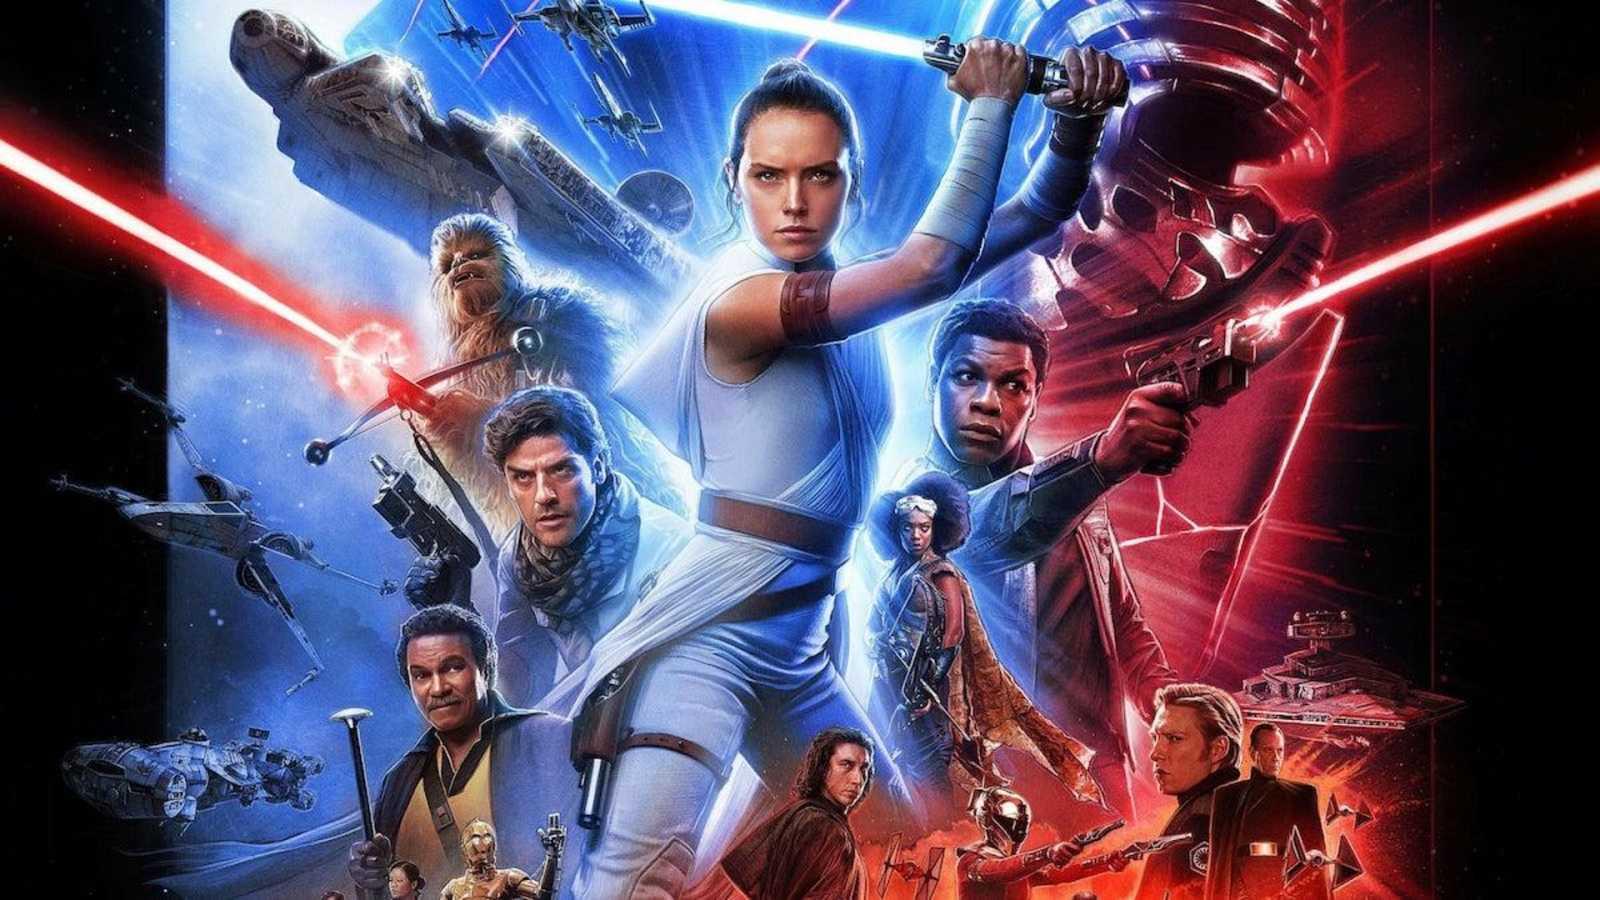 Motivos por los que la generación Z debería ver Star Wars